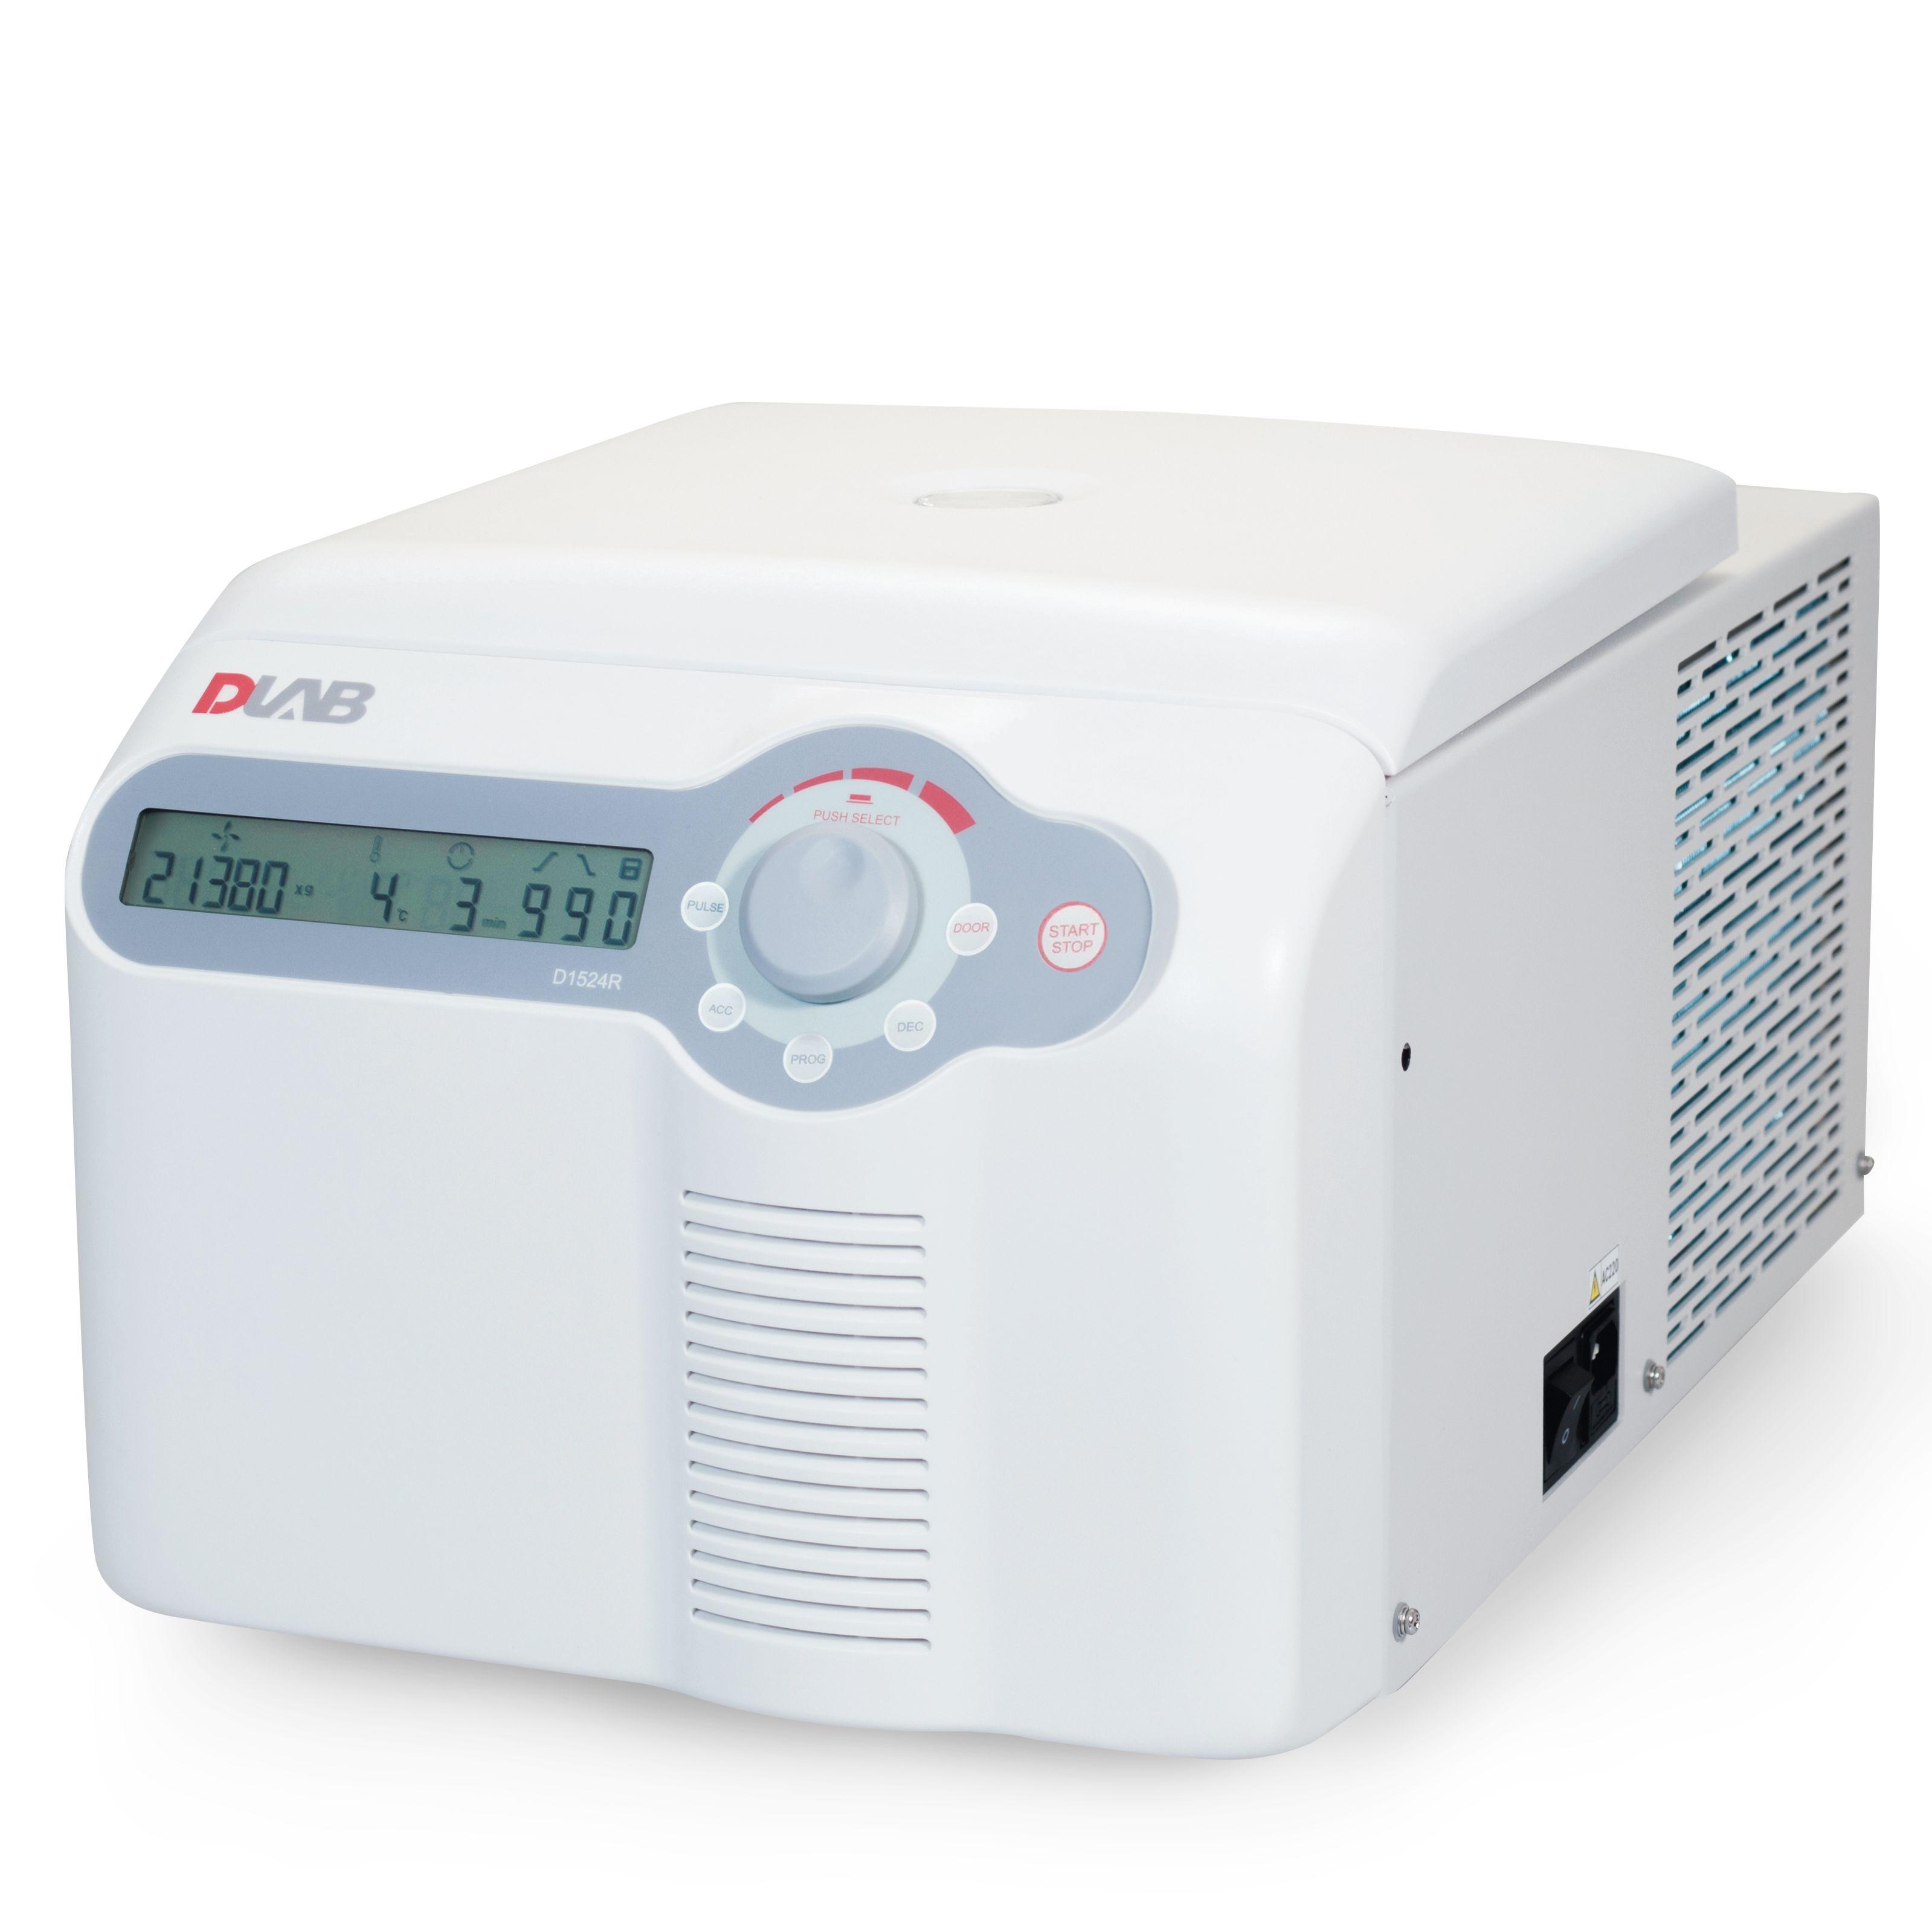 高速冷冻型微量台式离心机 D1524R